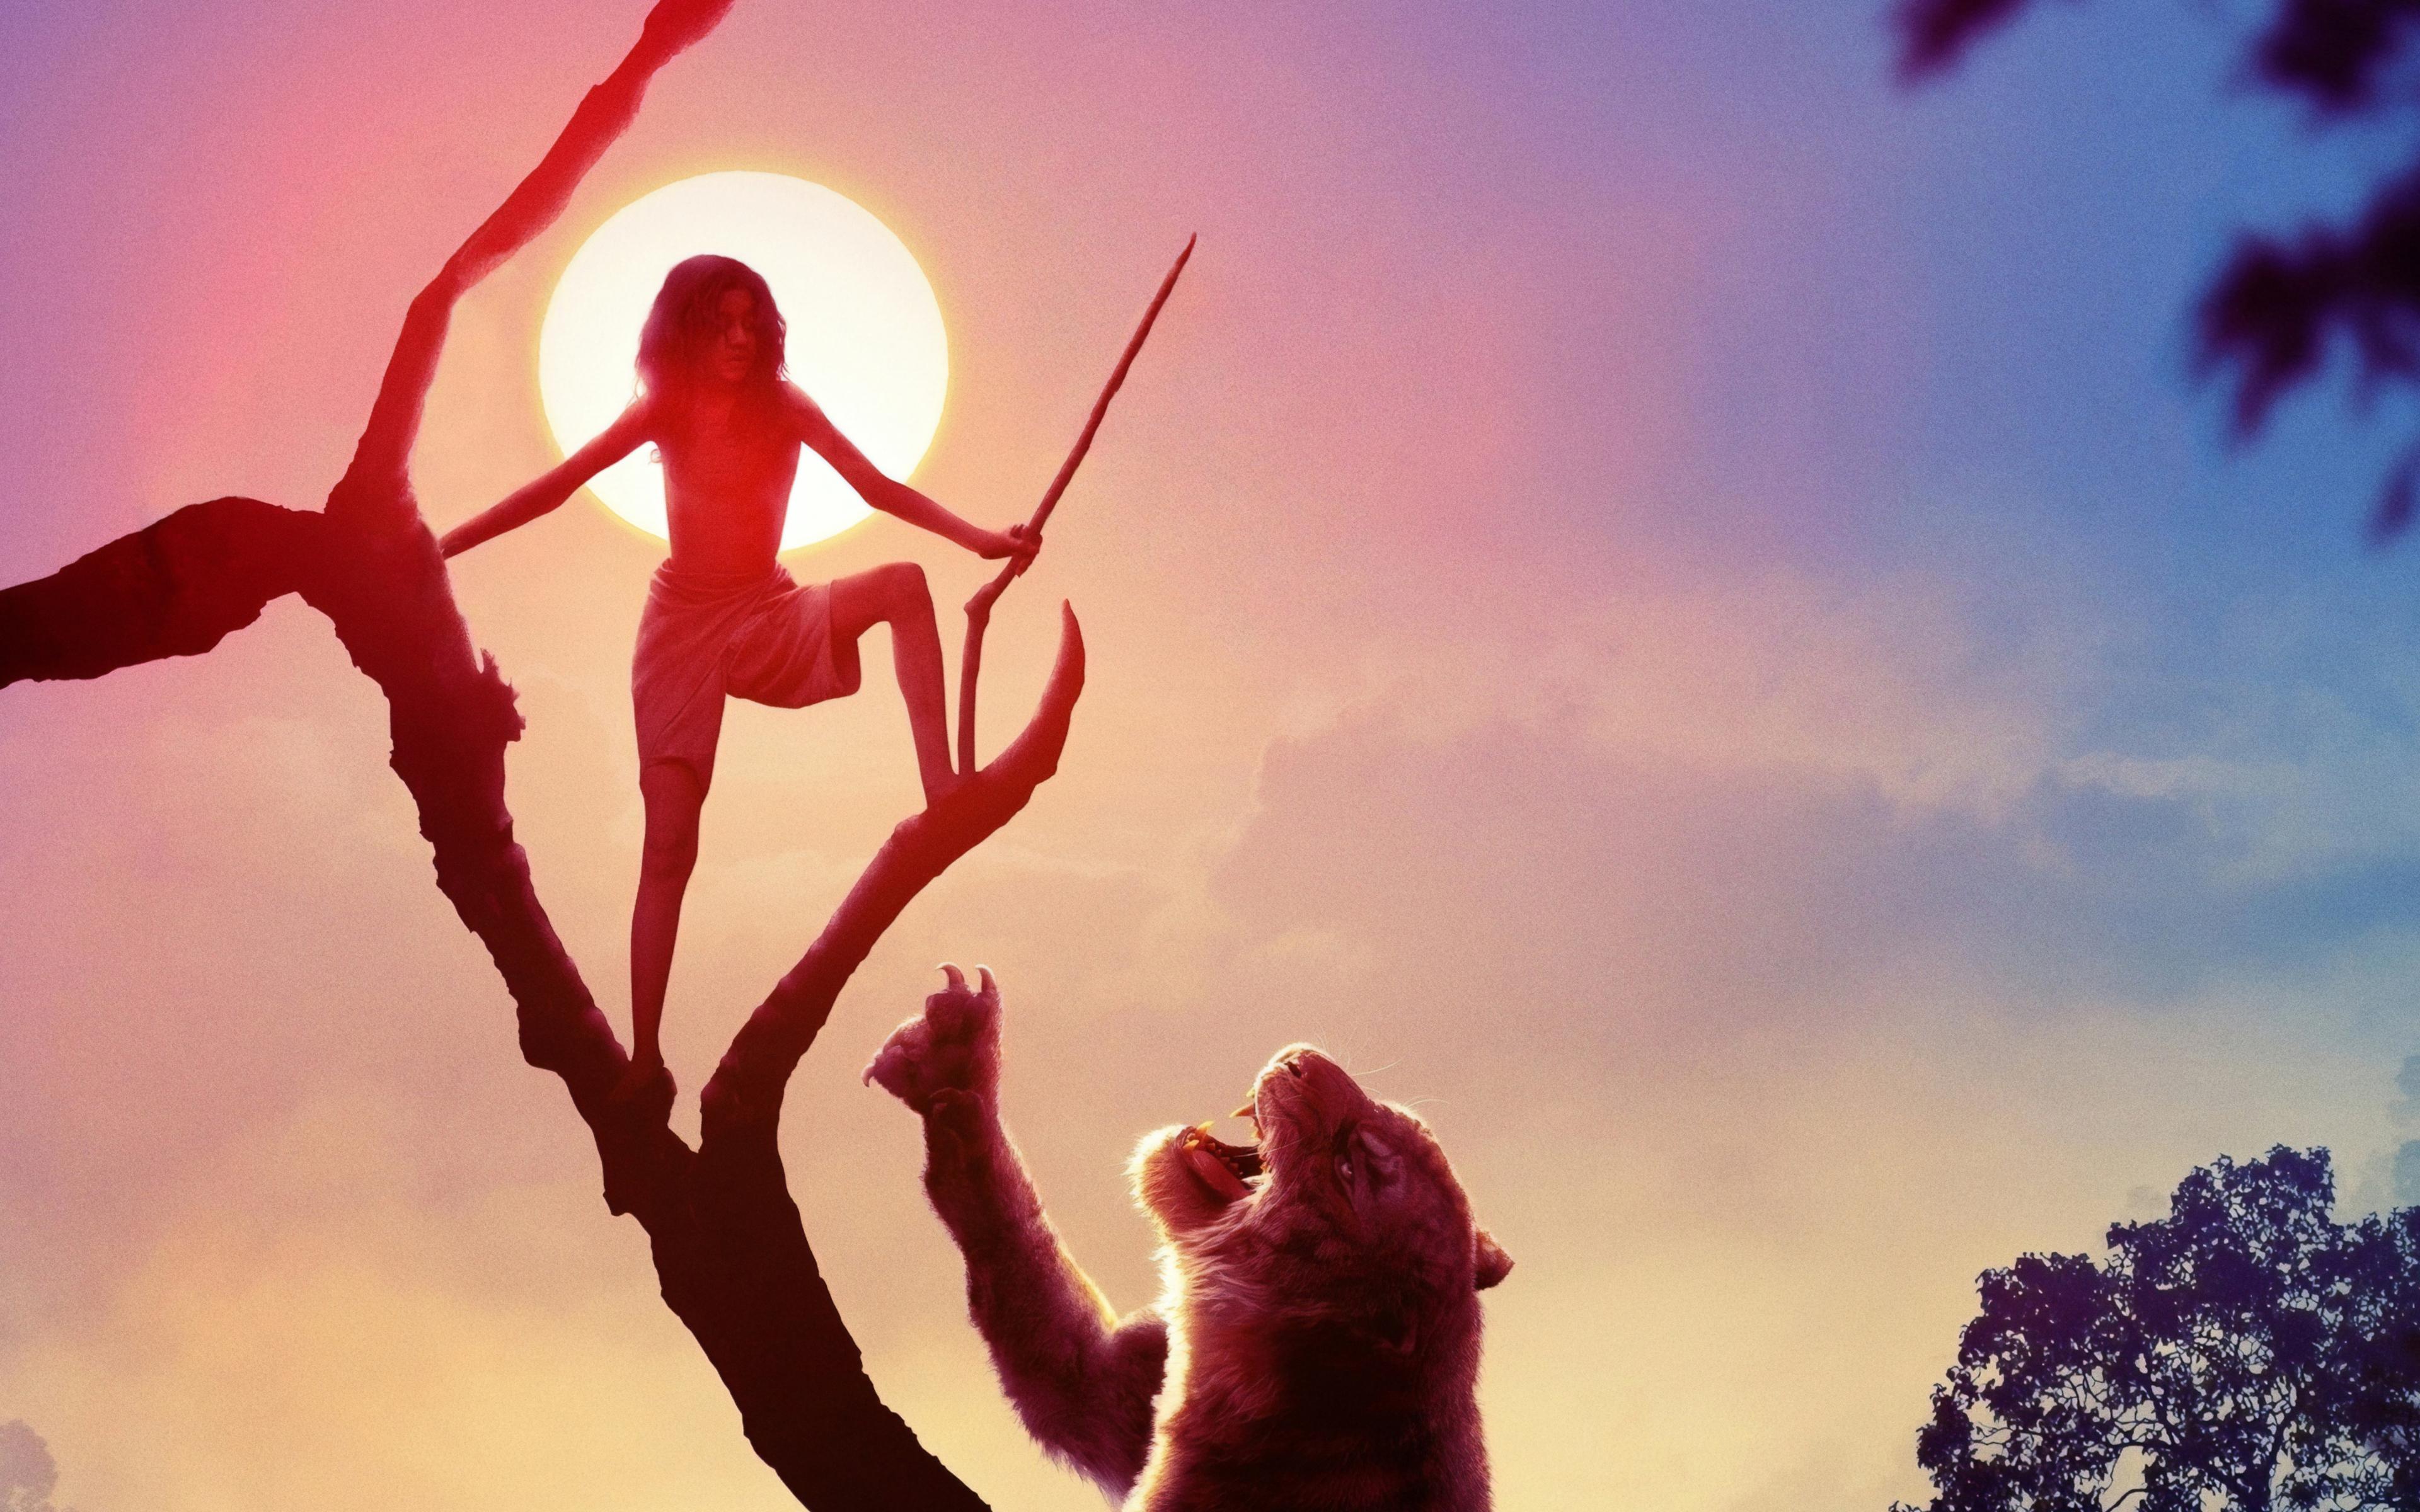 mowgli-movie-2018-4k-q6.jpg